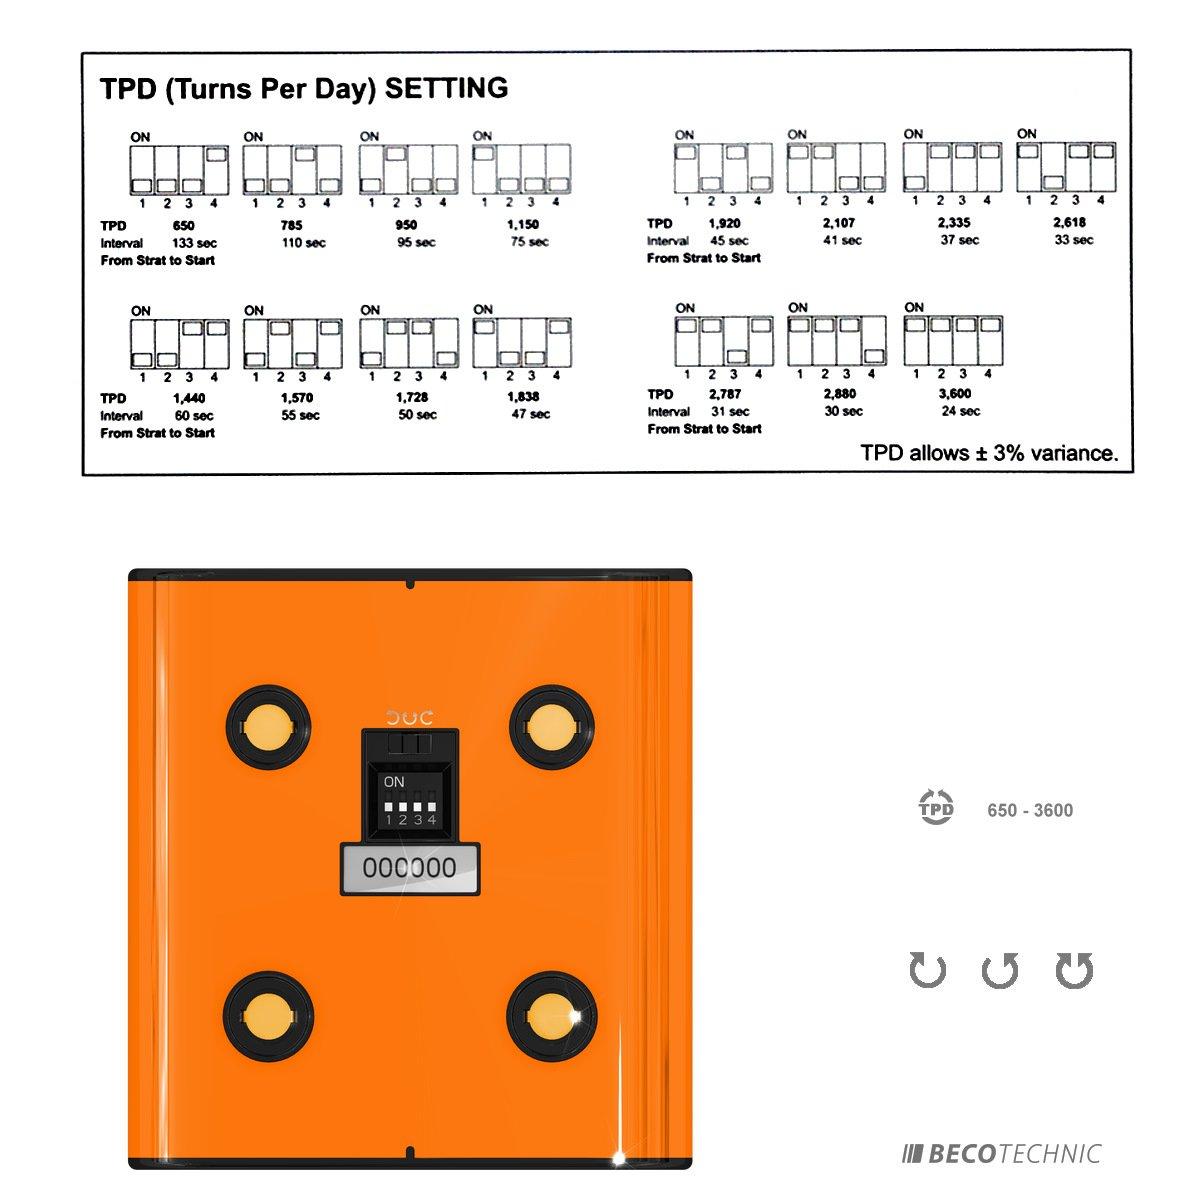 1Baumarkt Fancy Brick Uhrenbeweger Professional Boxy Orange jqMLSVUpzG